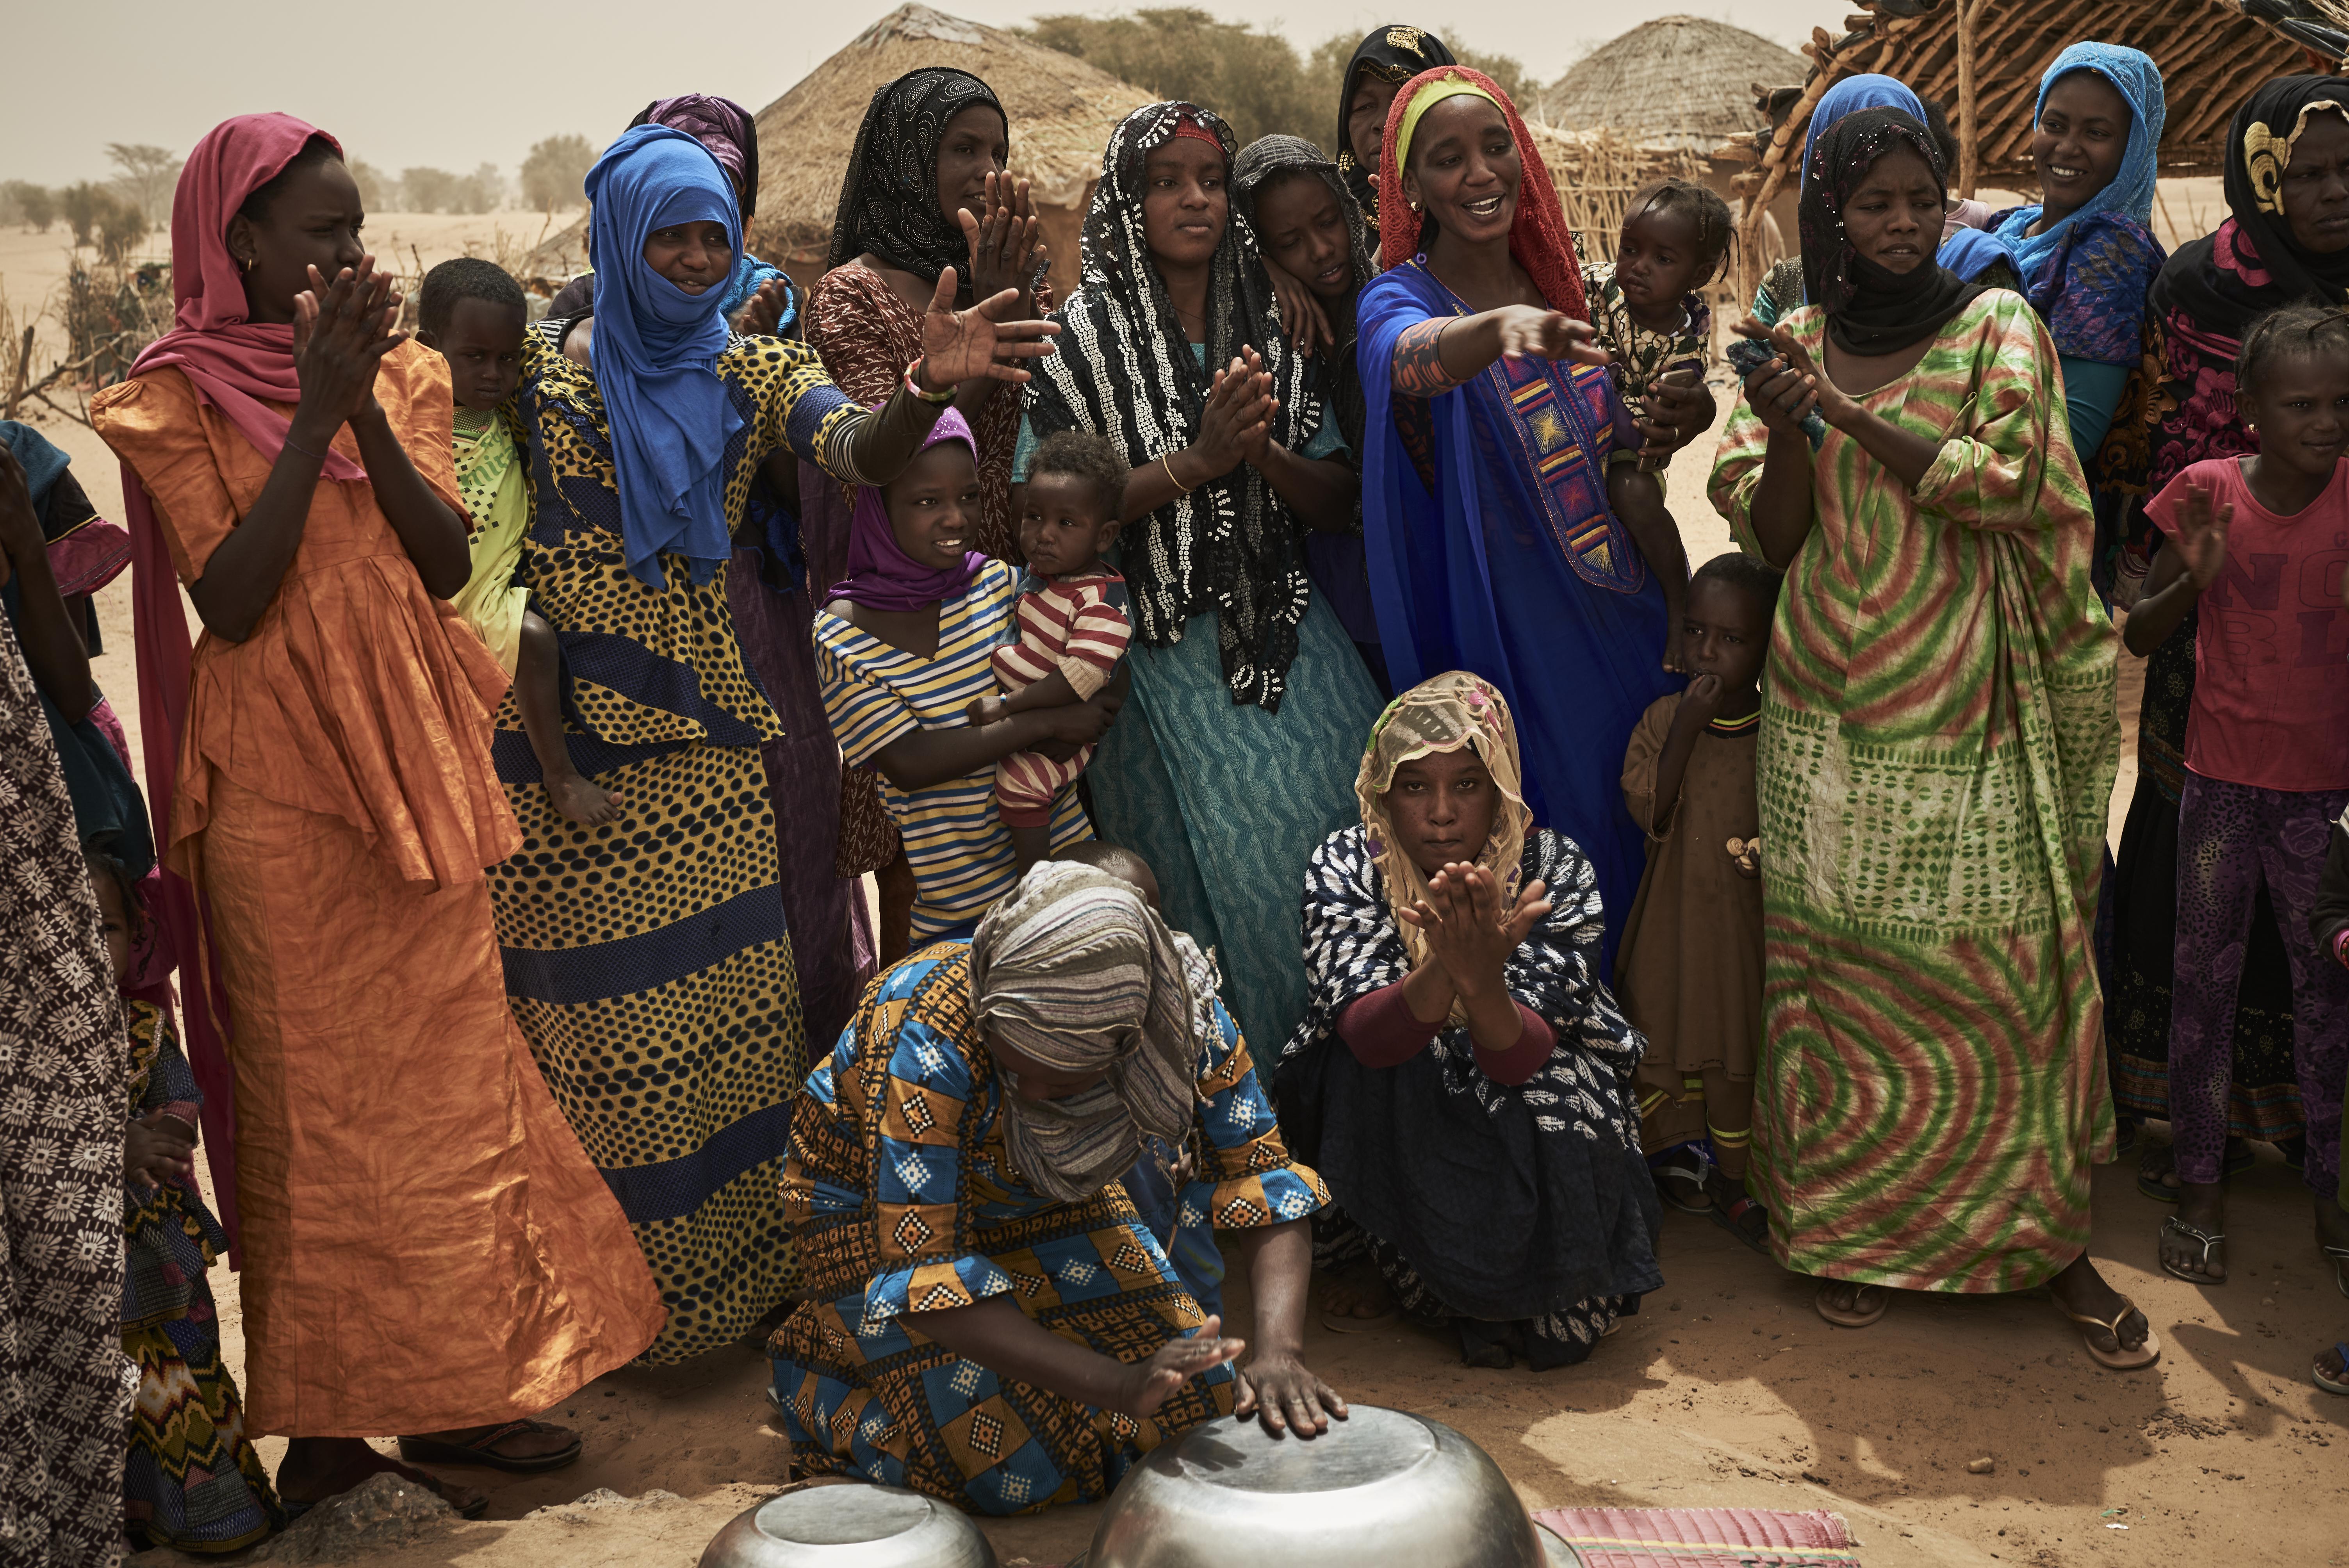 rural communities in Africa